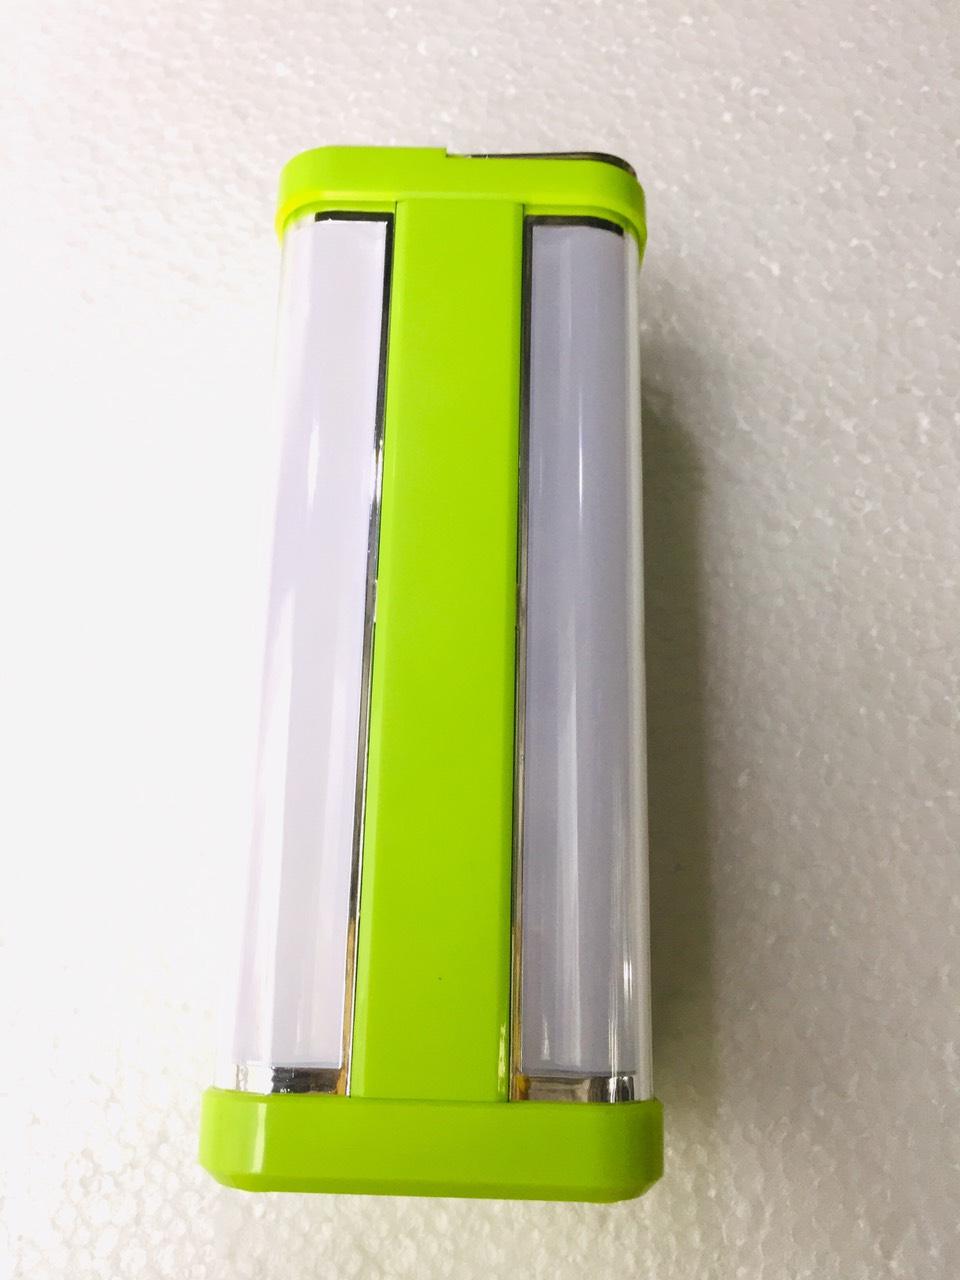 Đèn sạc chiếu sáng 4 bóng Led siêu sáng YG-8002S